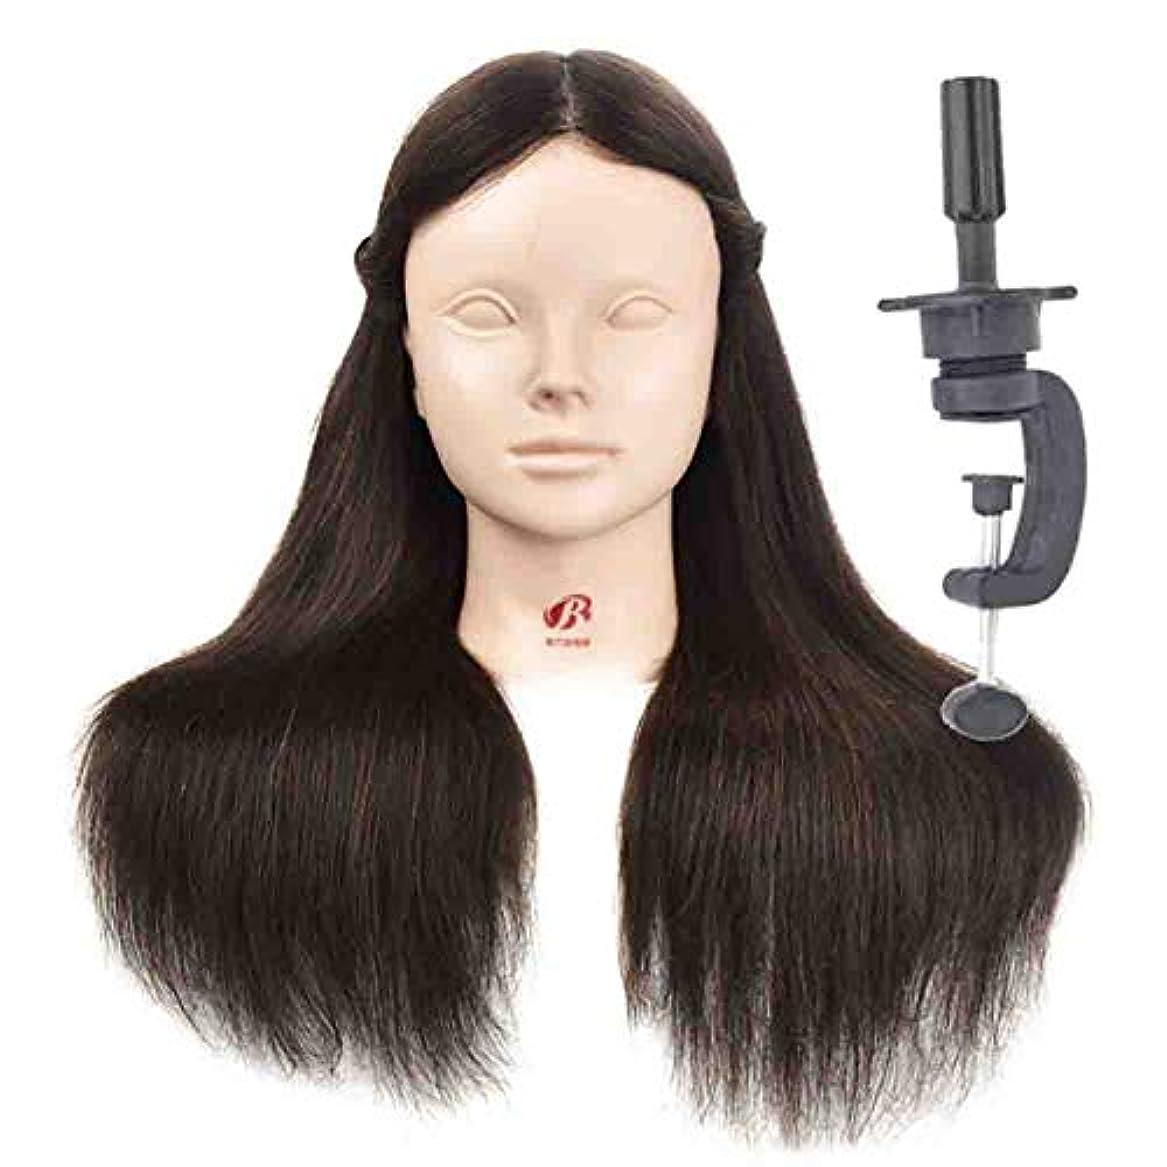 爪フラフープボールMakeup Modeling Learning Dummy Head Real Human Hair Practice Head Model Hair Salon Model Head Can be Hot Dyed